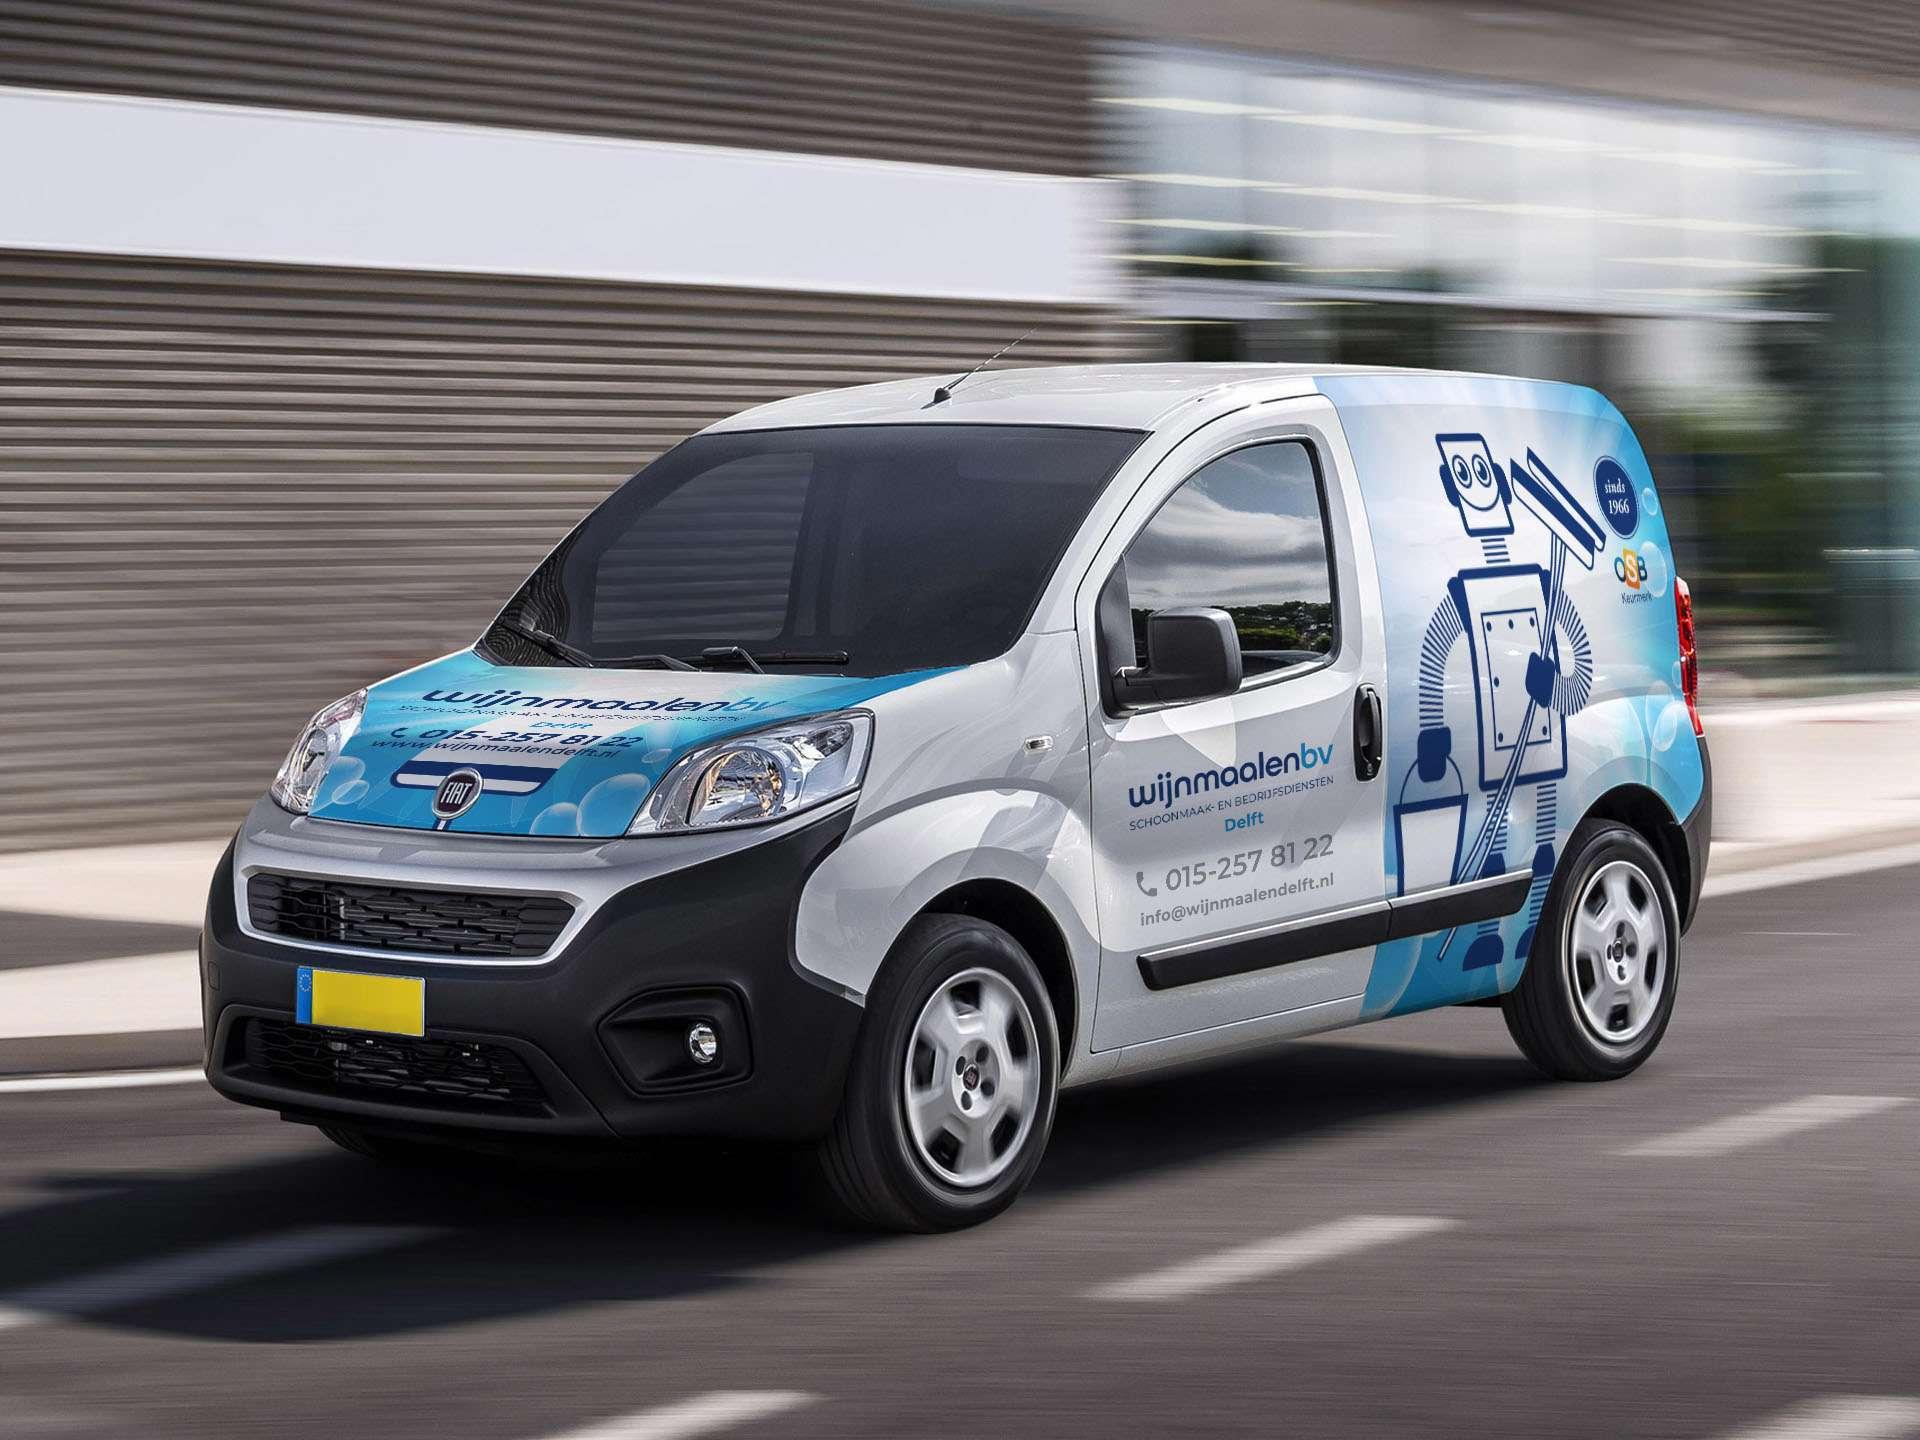 ontwerp auto reclame belettering voor schoonmaakbedrijf wijnmaalen delft door Aadwork uit BINK36 Den Haag